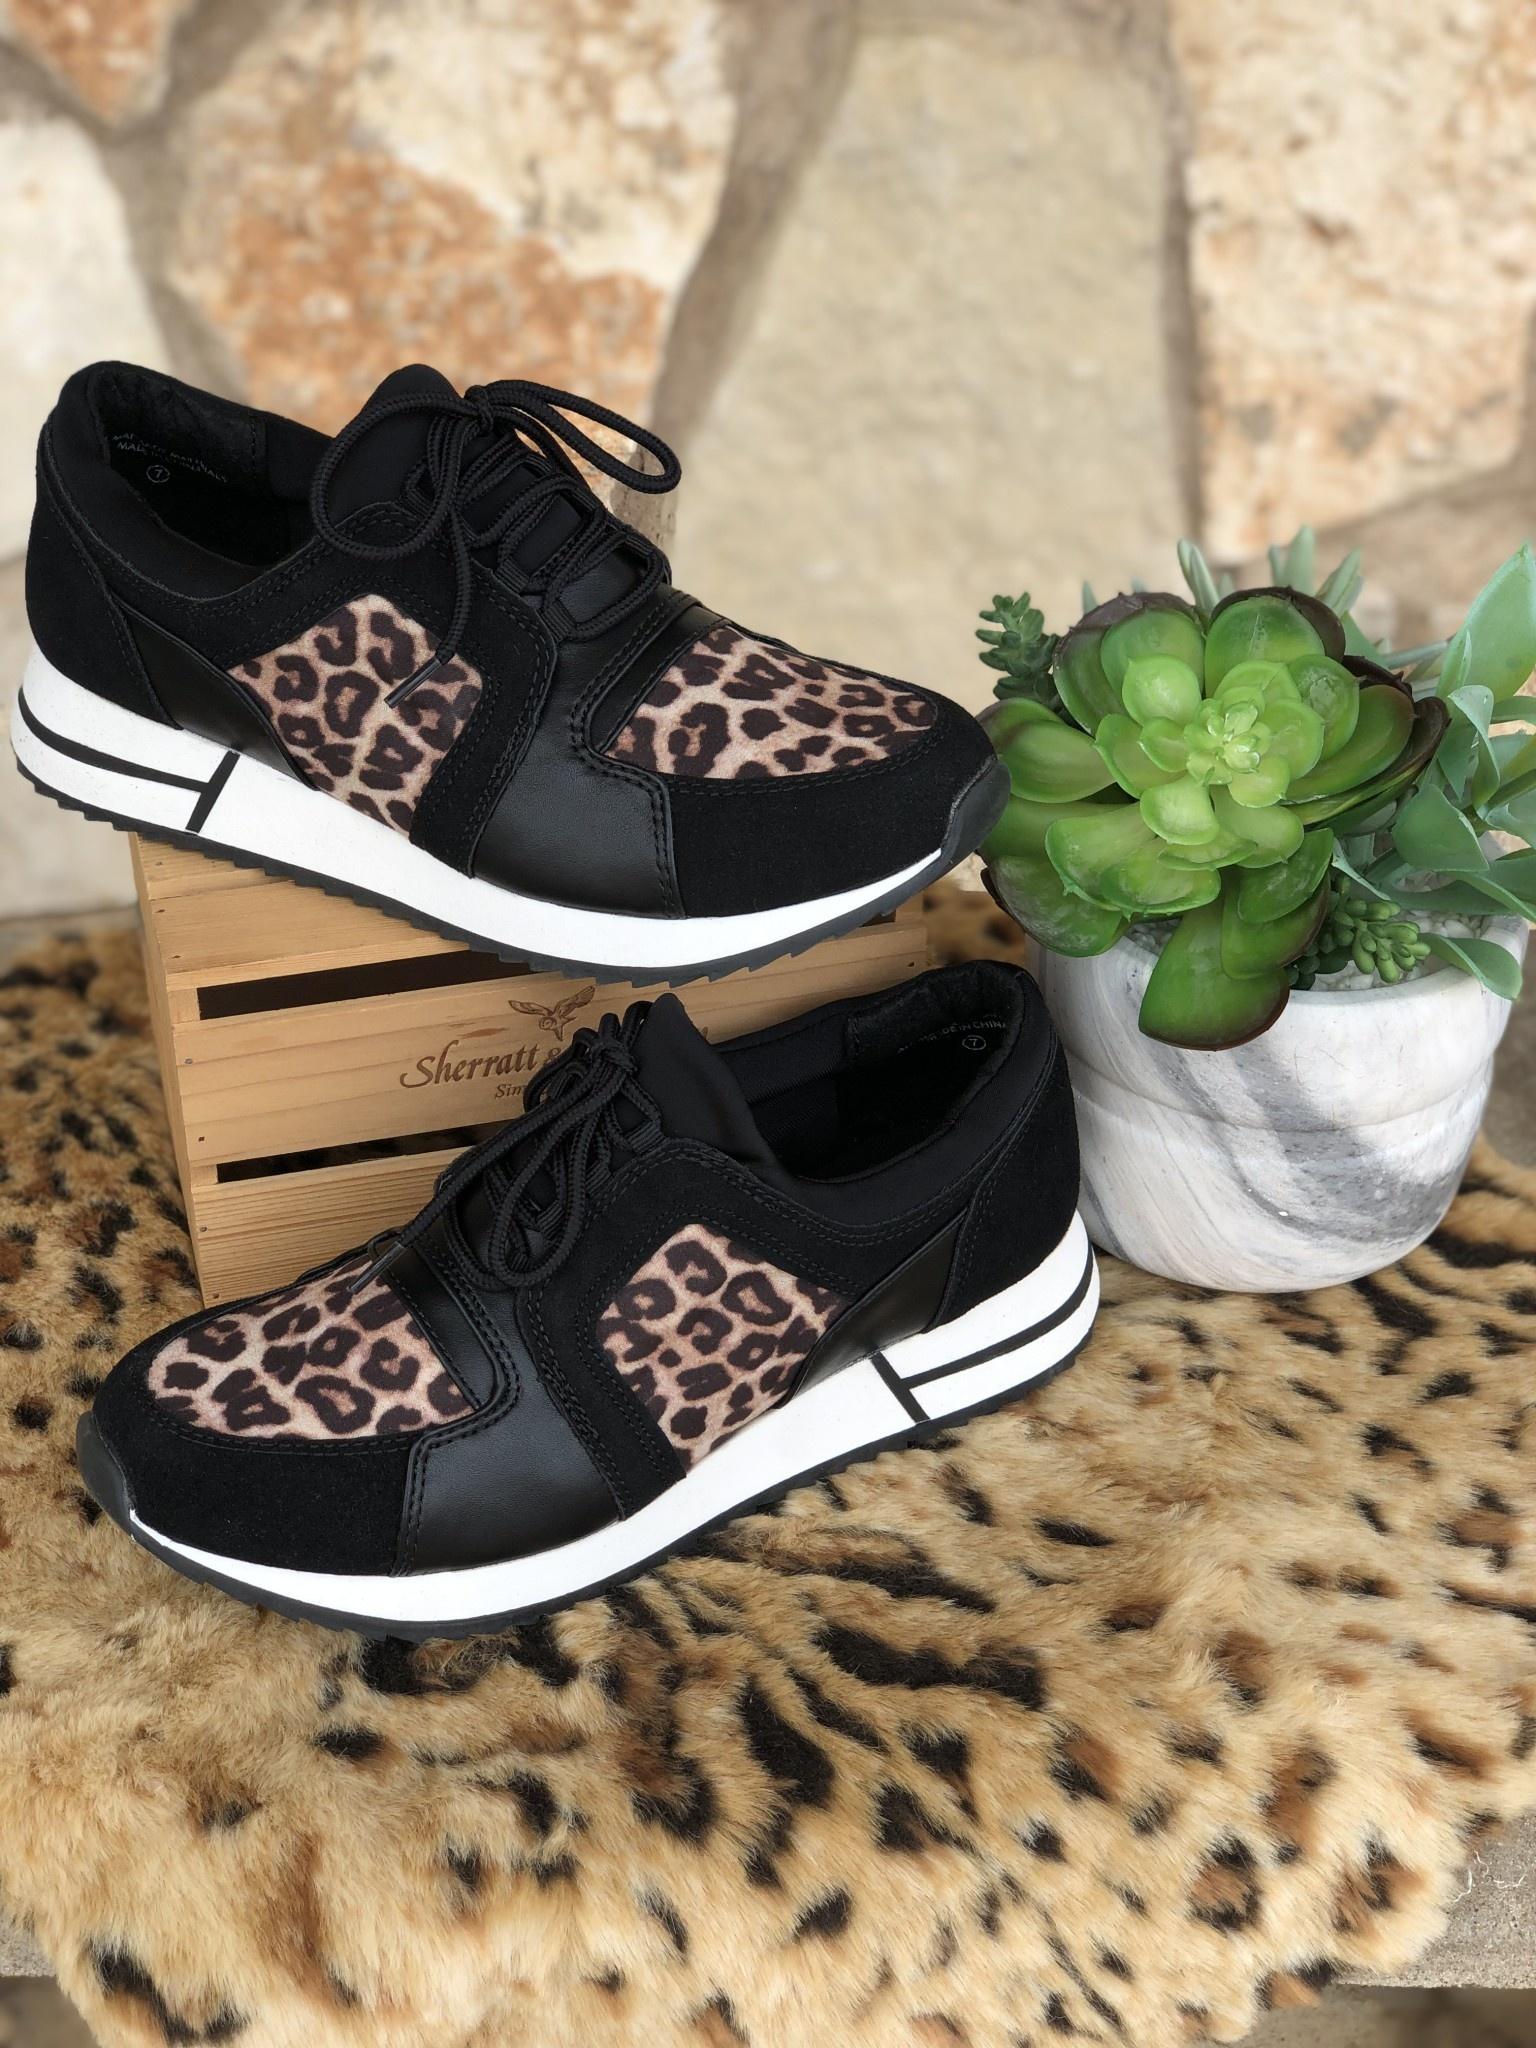 4c8396cb7dc5 Black & Leopard Range Tennis Shoes - TheBlingBoxOnline.com